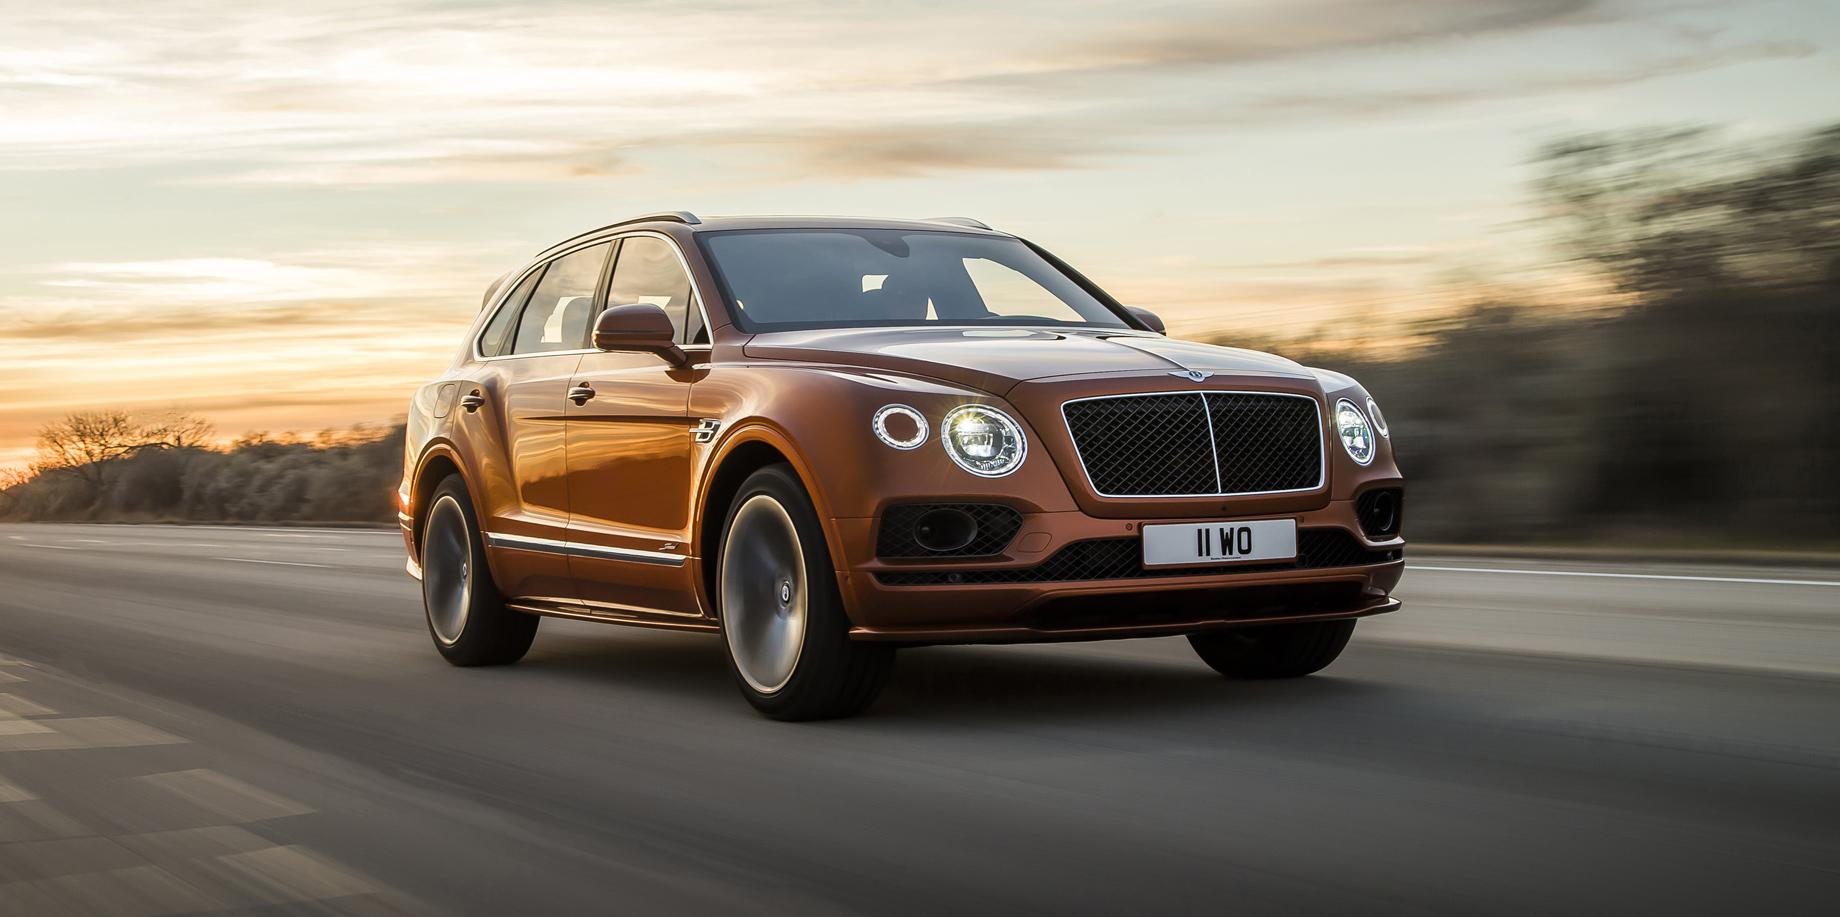 Седан Bentley Mulsanne будет заменён большим кроссовером